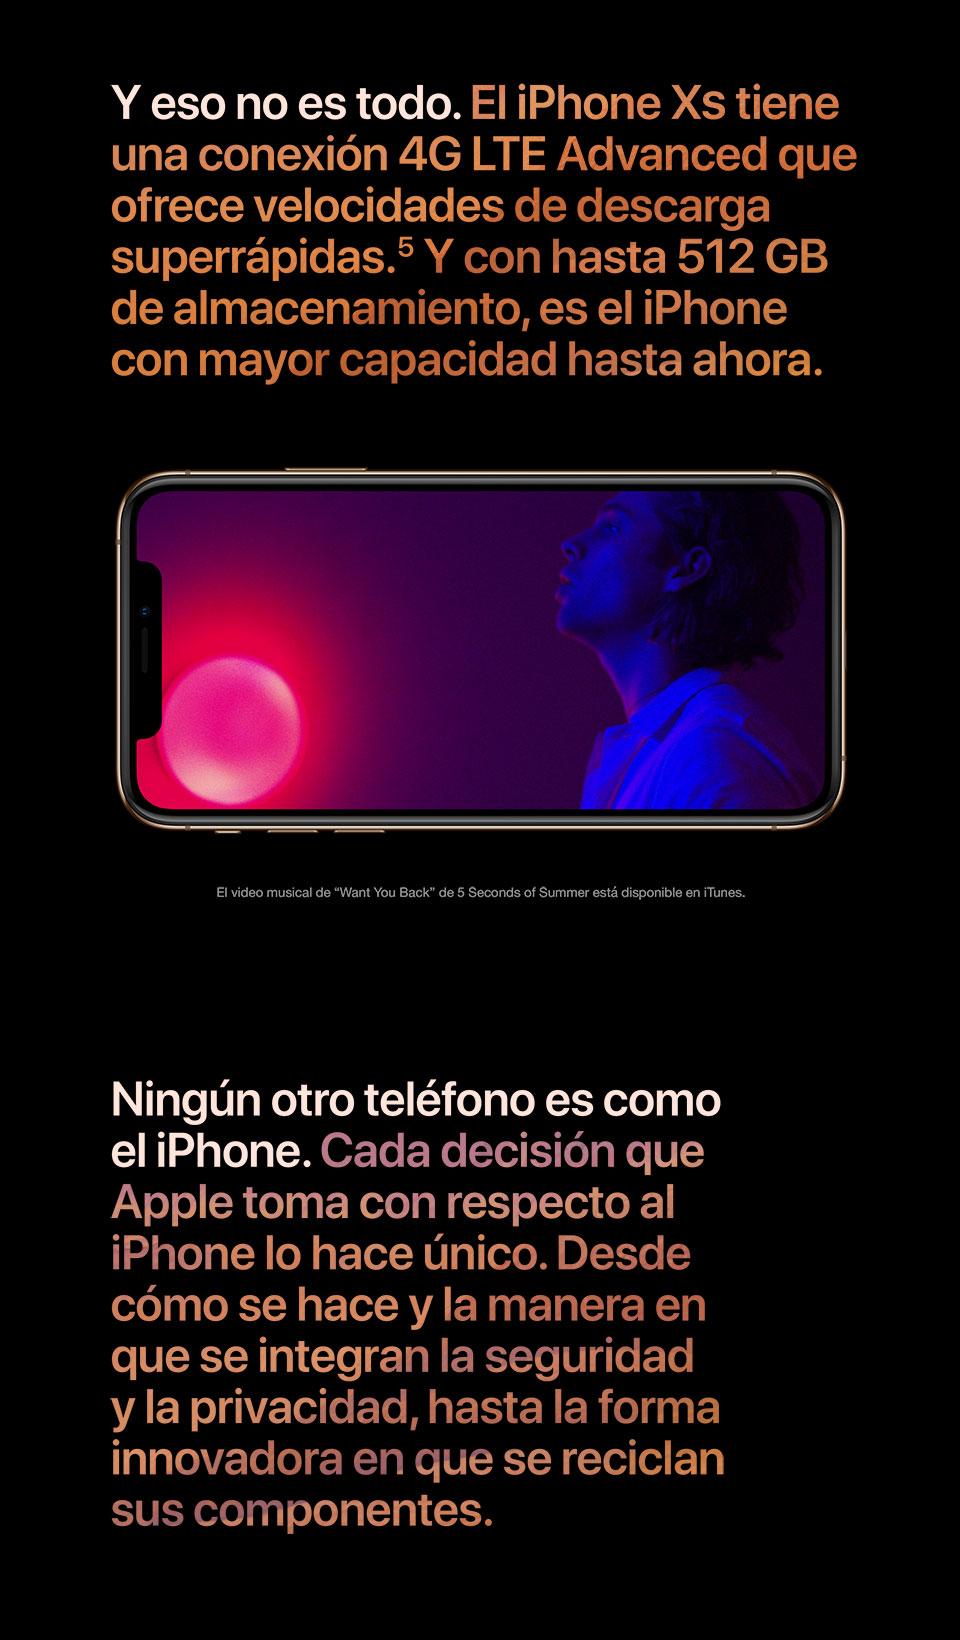 El iPhone Xs tiene una conexíon 4G LTE Advanced